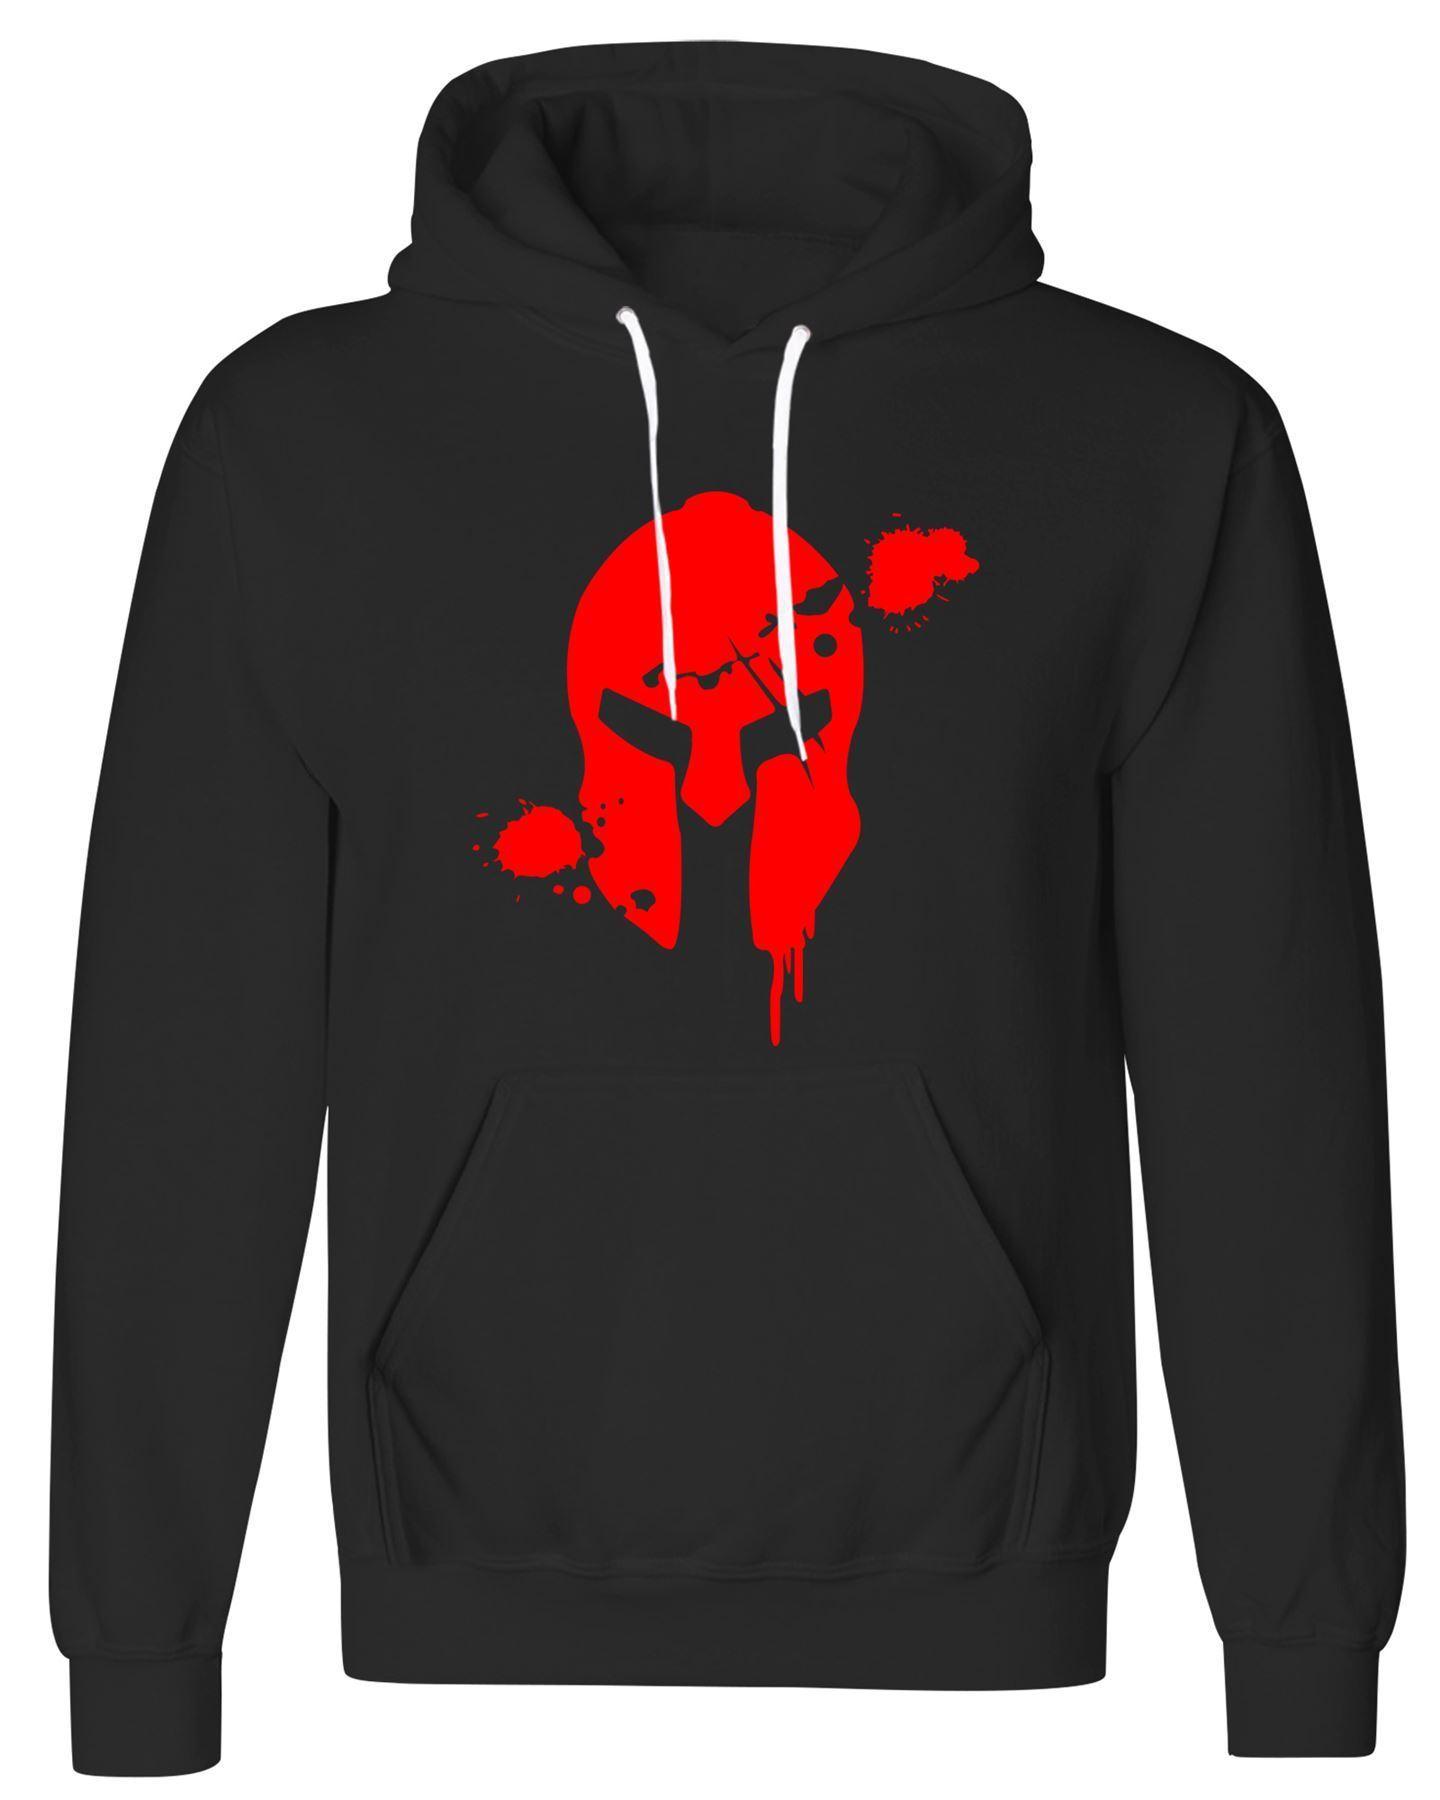 Msu hoodies